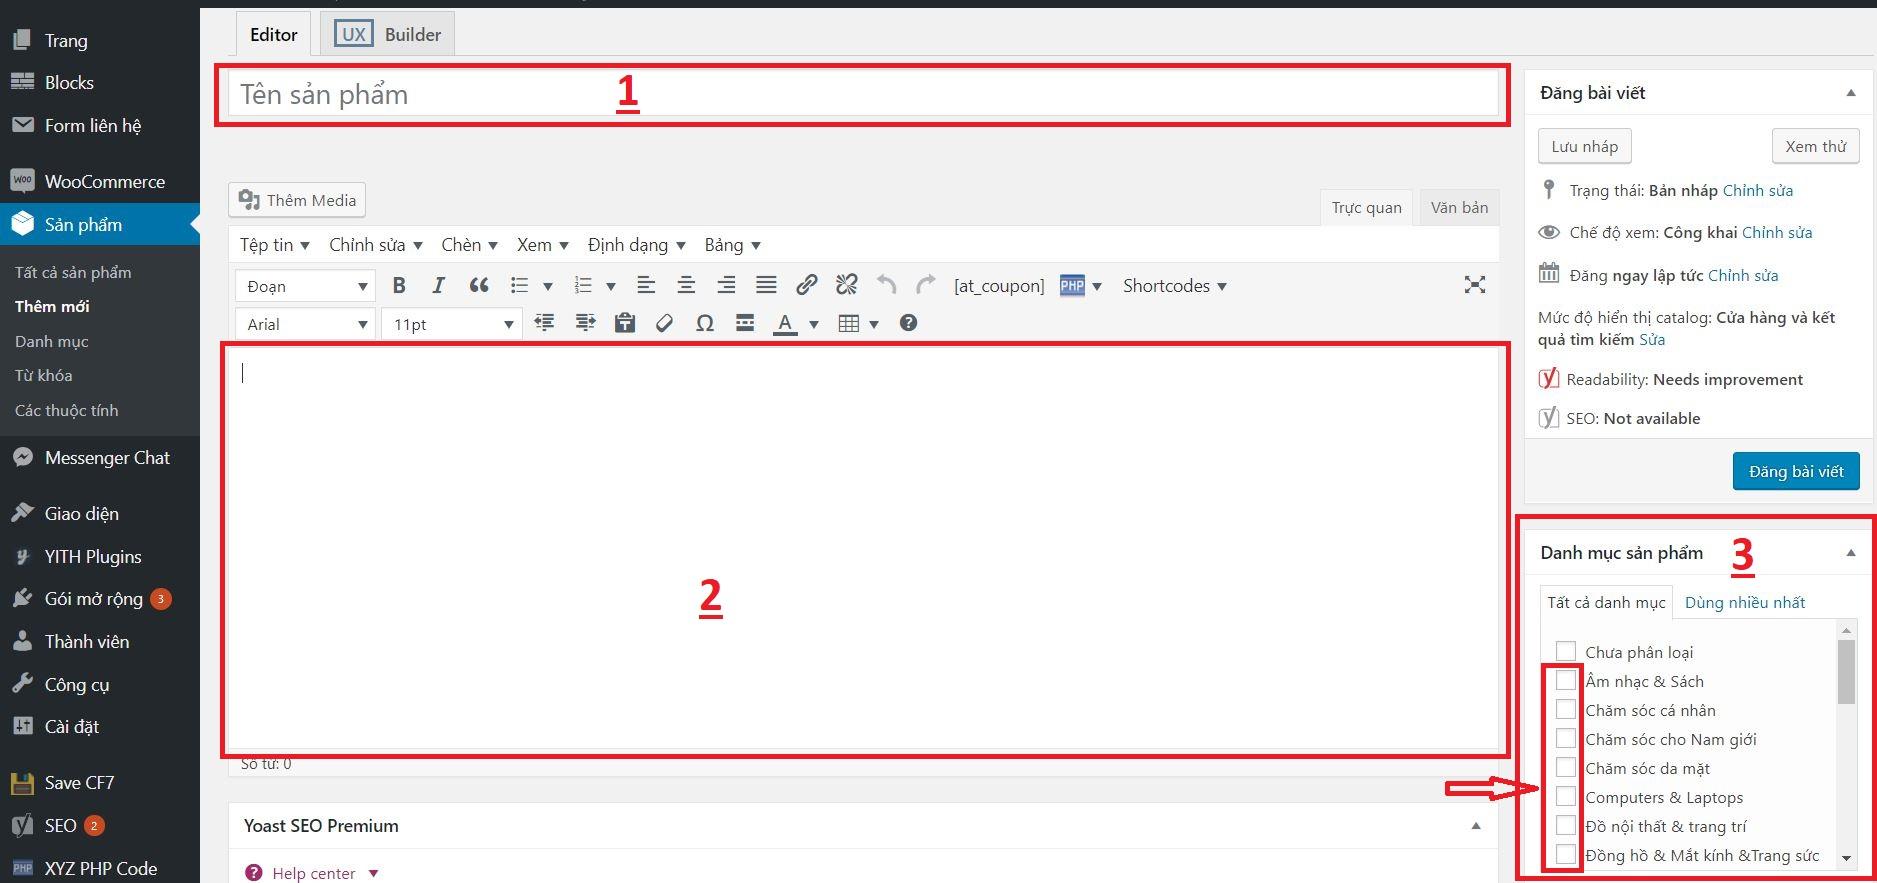 Hướng dẫn đăng bài viết trên Trang Website (giới thiệu, liên hệ,...)